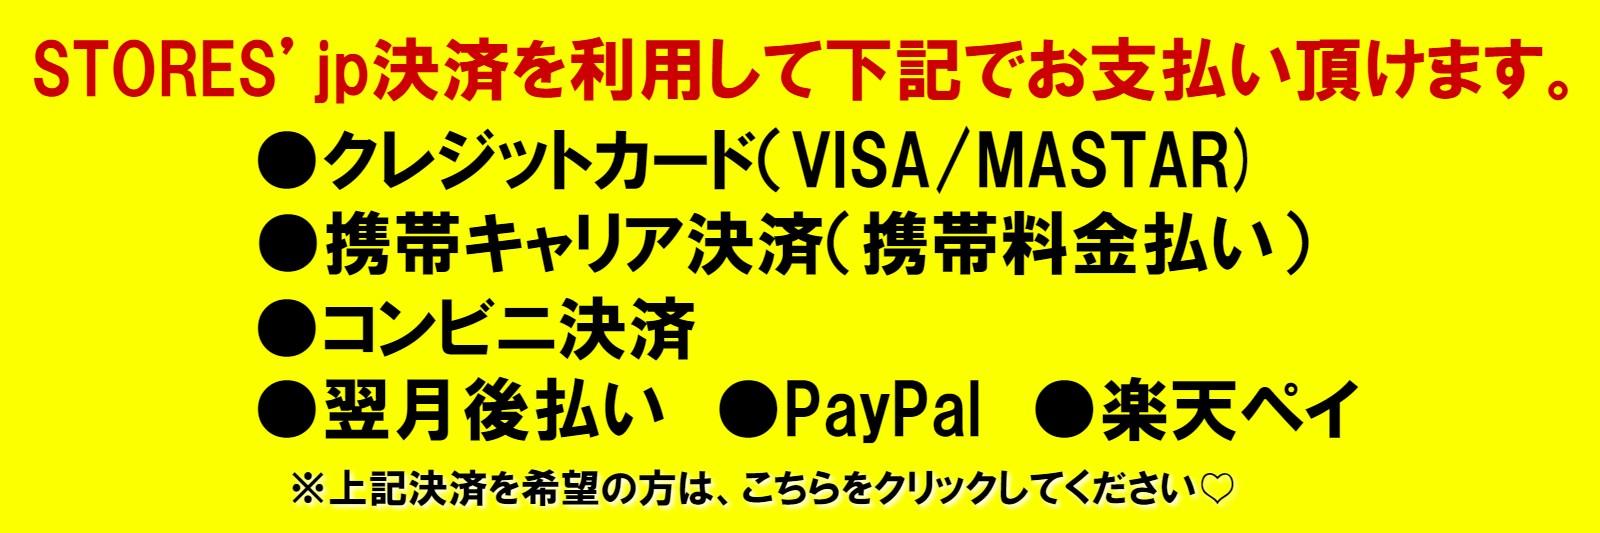 リモート占いは、STORES.jpを利用して、「クレジットカード(VISA・MASTAR)・携帯キャリア決済・コンビニ決済・翌月後支払い・PayPal・楽天ペイ」でもお支払いが出来ます